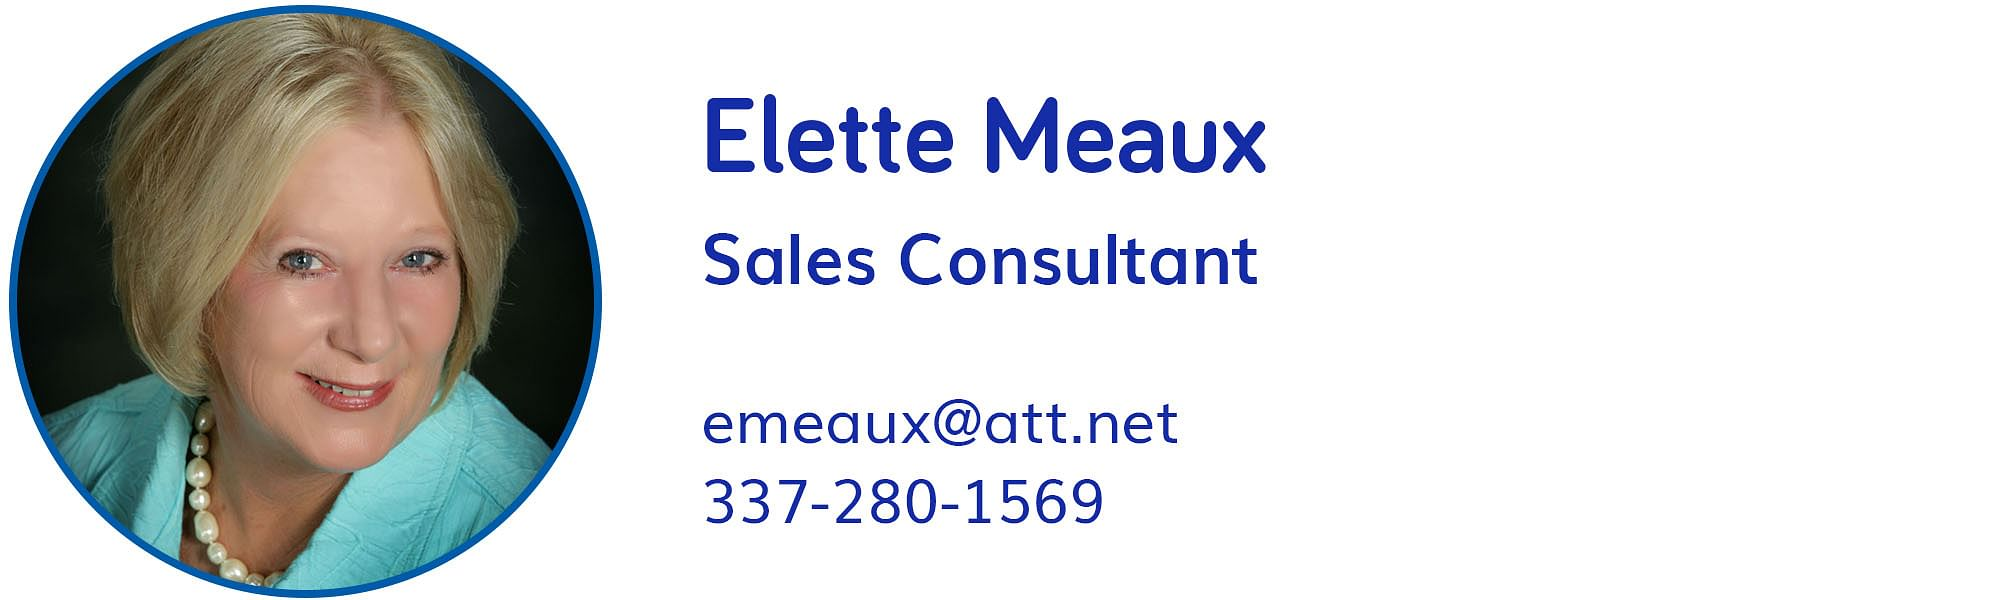 Elette Meaux, emeaux@att.net, 337-280-1569